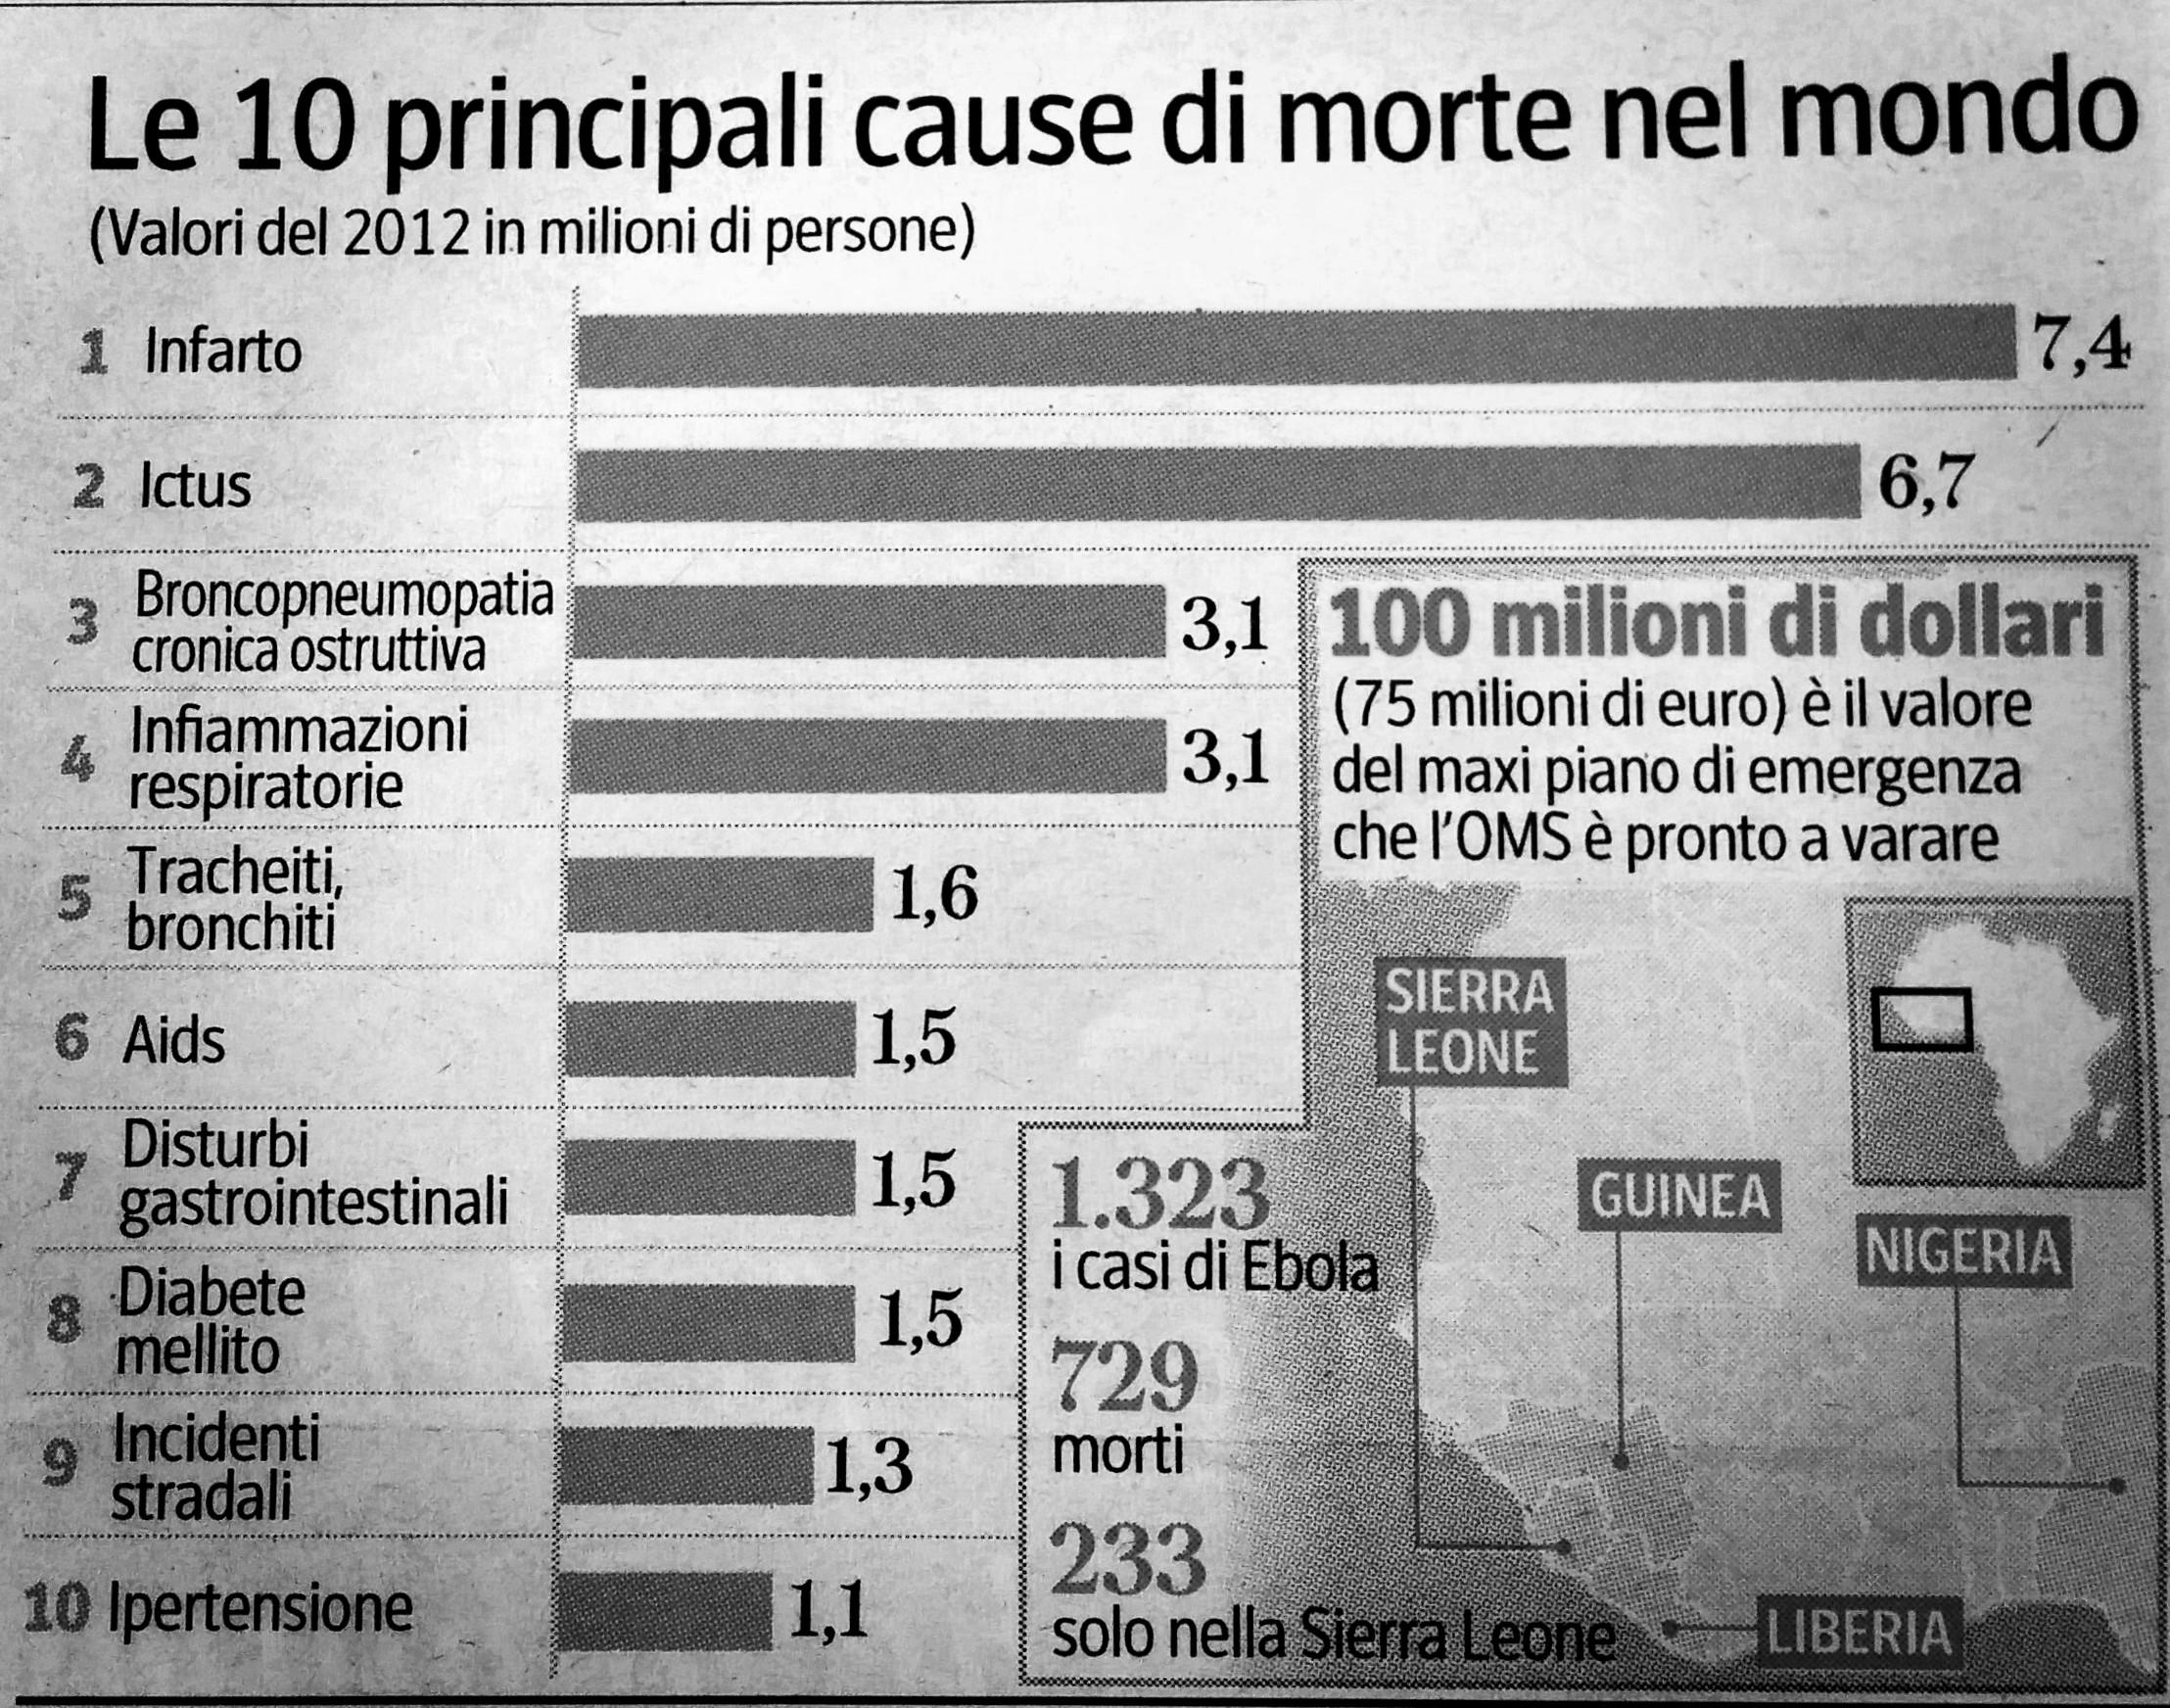 Cause di morte nel mondo. Corriere della Sera. Fonte: OMS